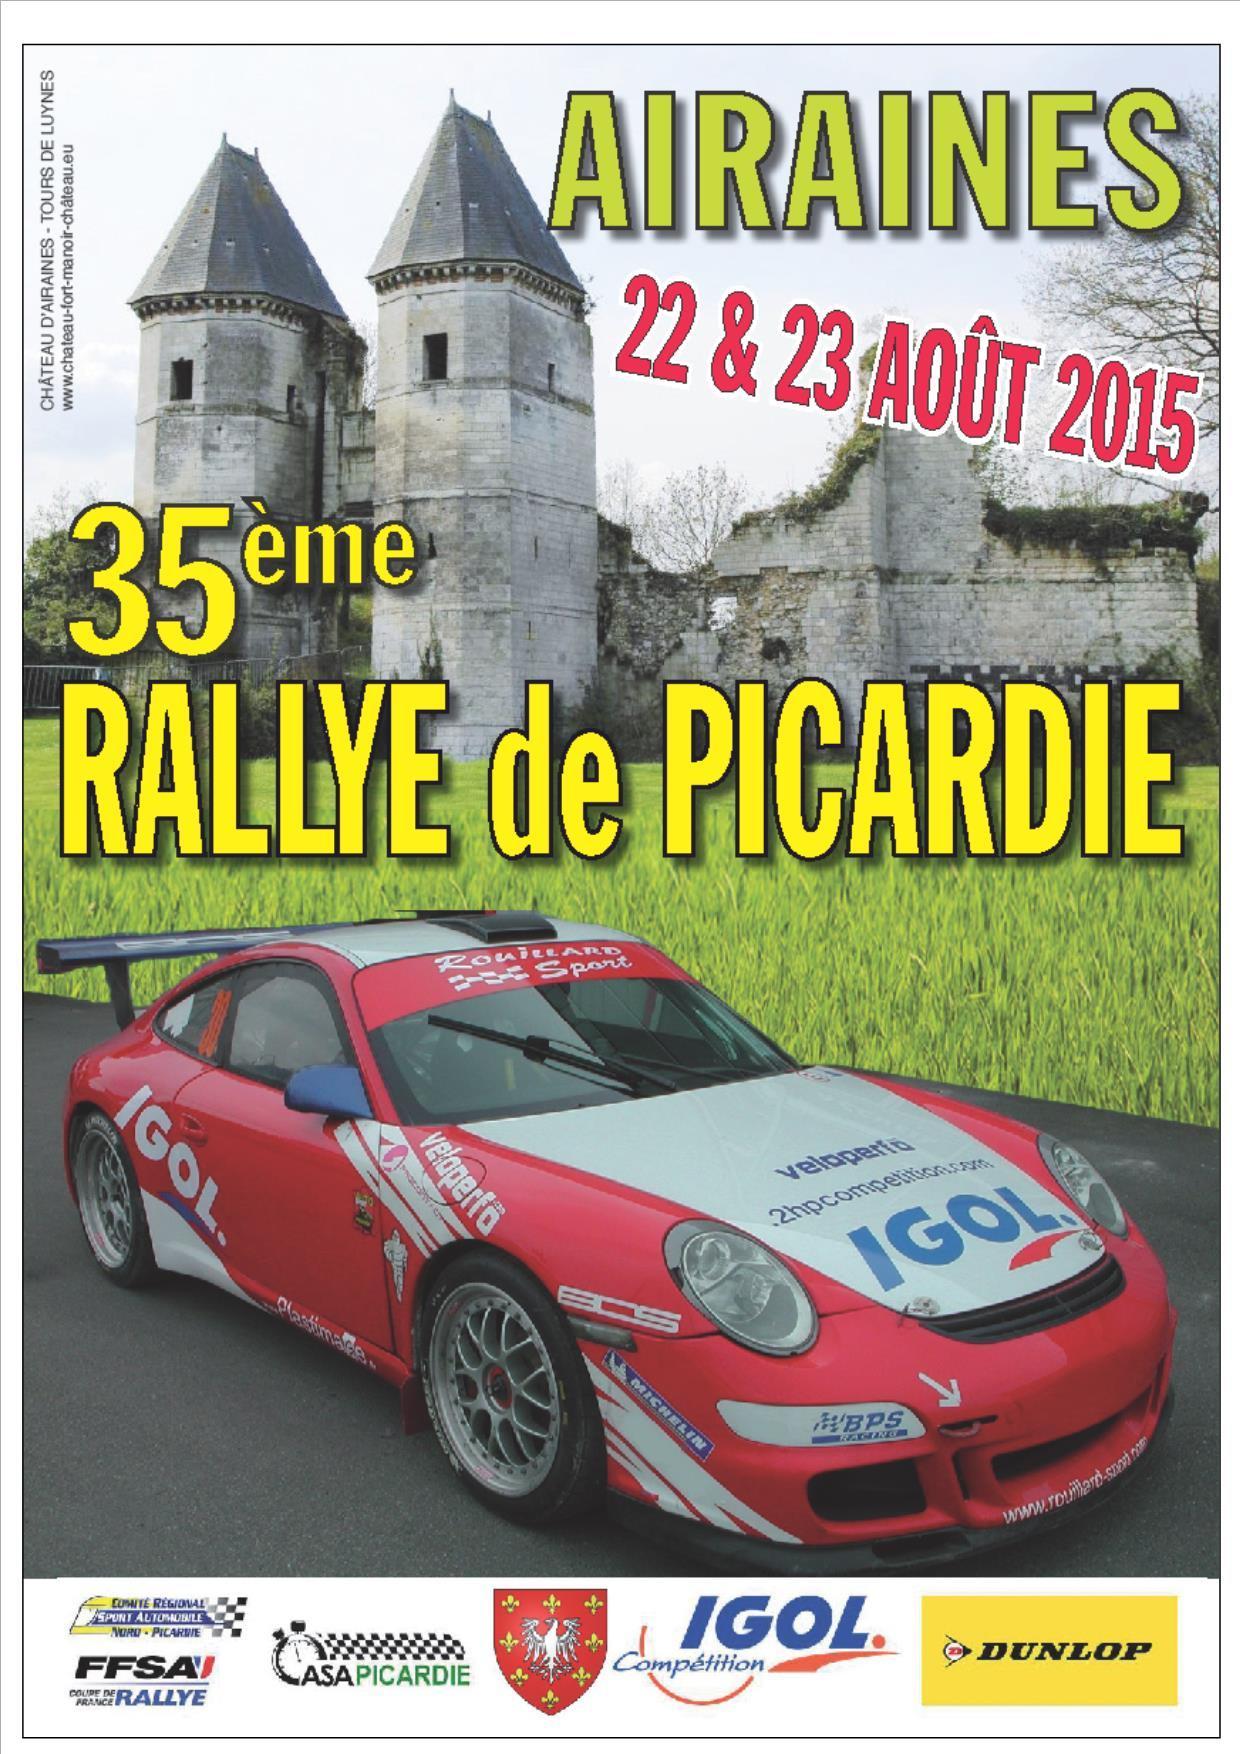 Rallye-de-Picardie-2015